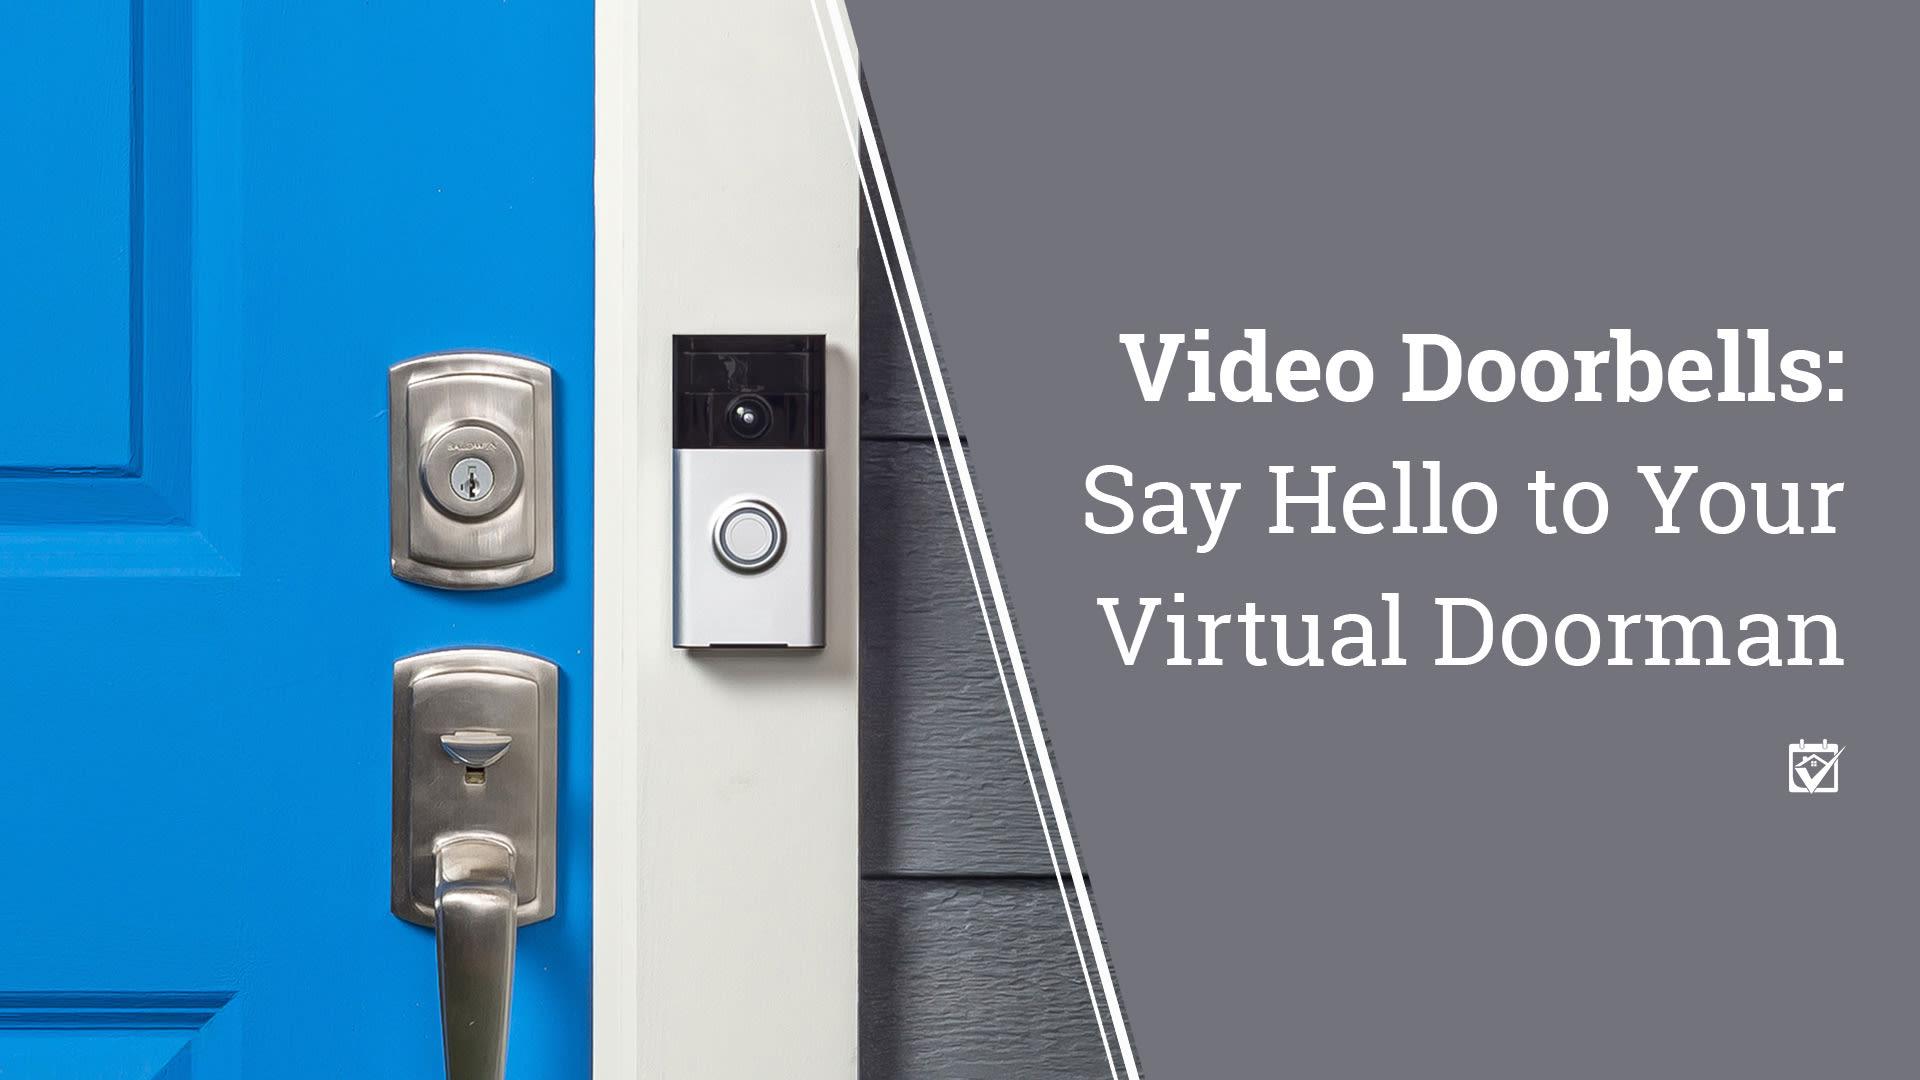 Say Hello to Your Virtual Doorman